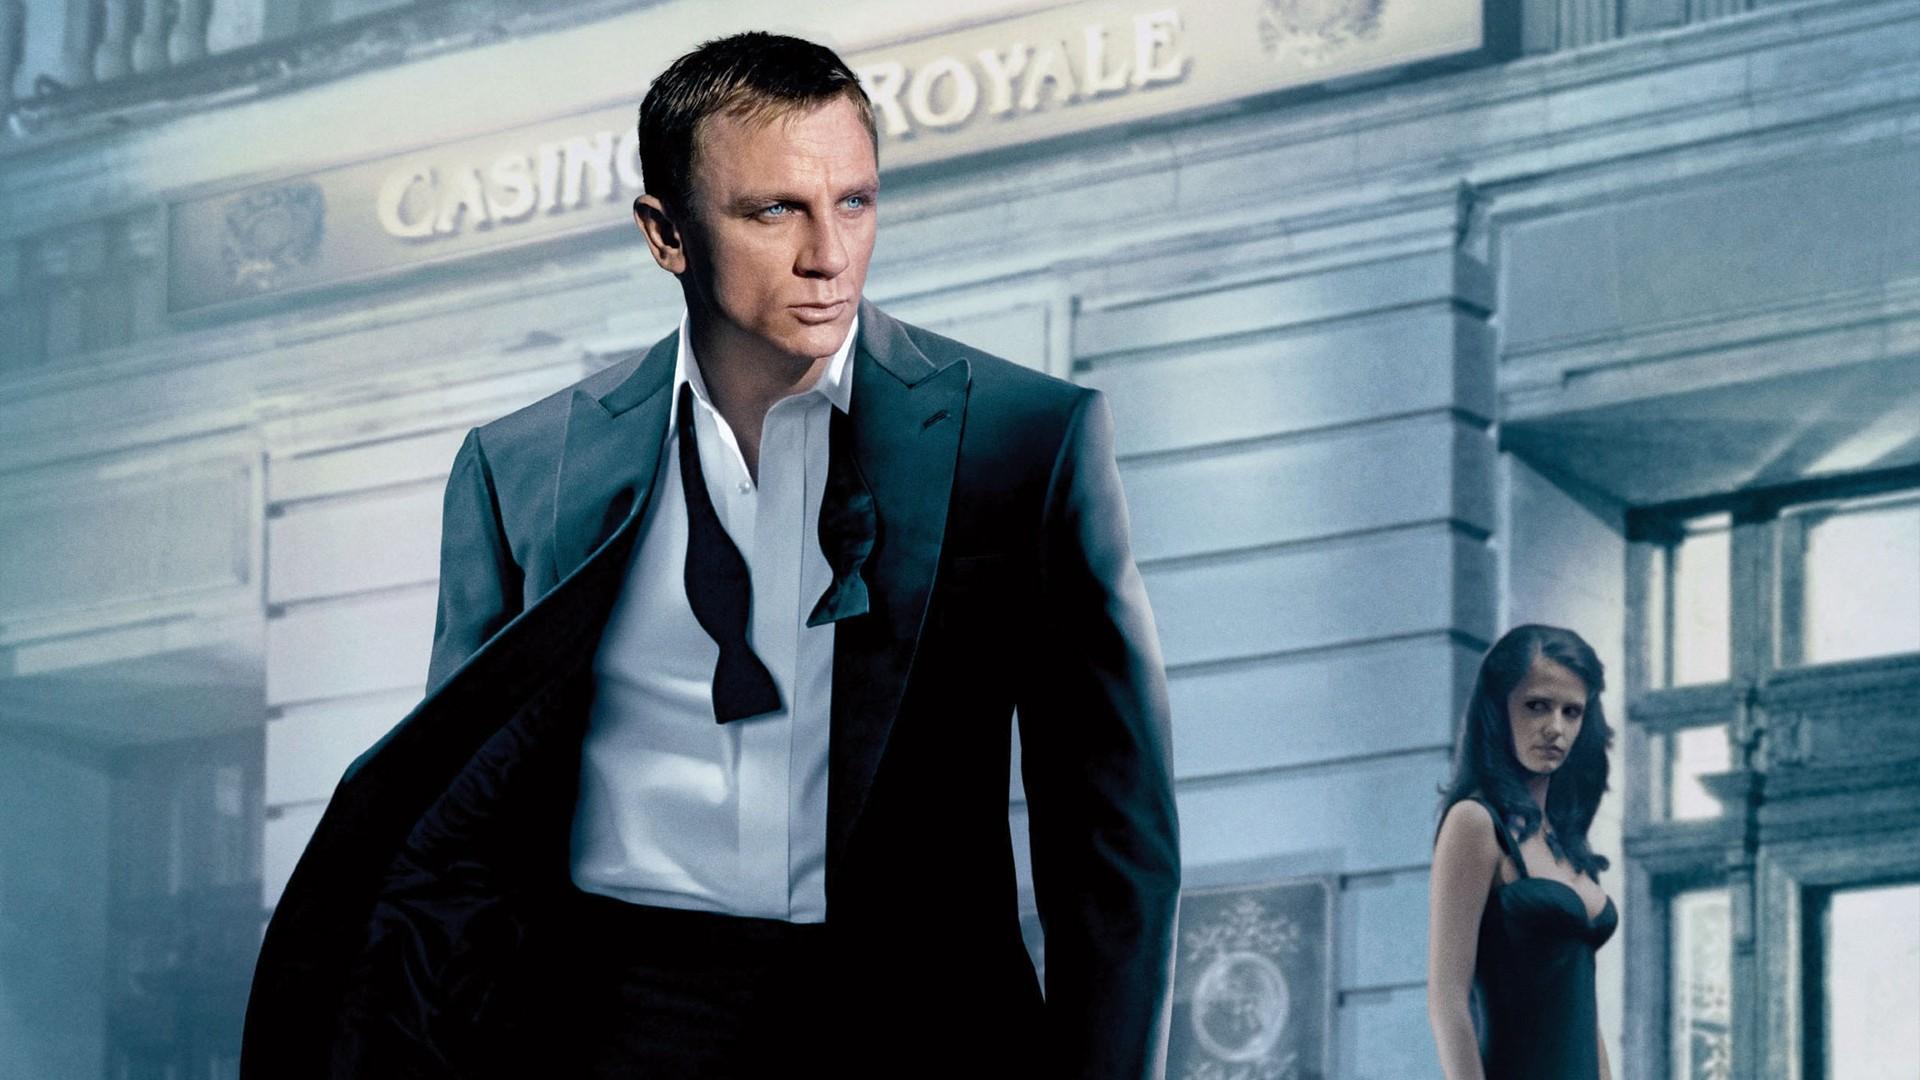 daniel craig as james bond wallpaper - facebook cover - popopics